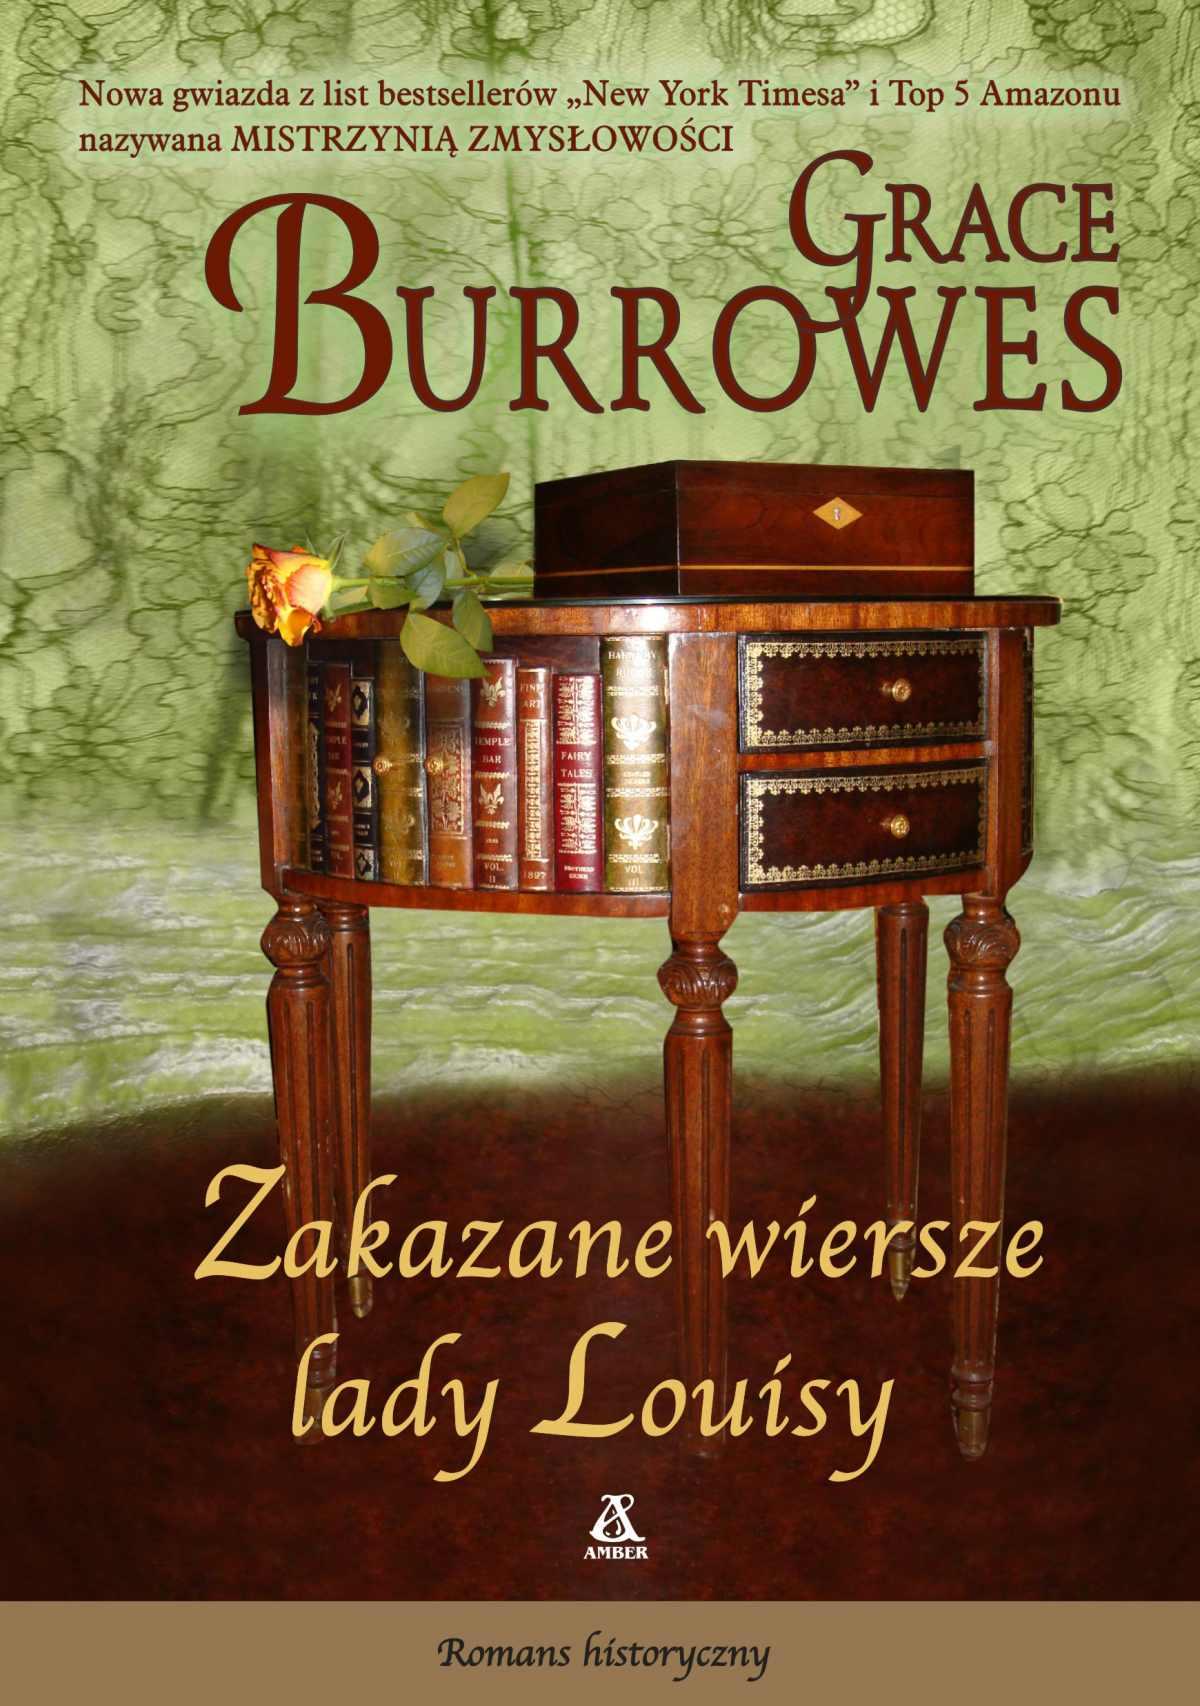 Zakazane wiersze lady Louisy - Grace Burrowes